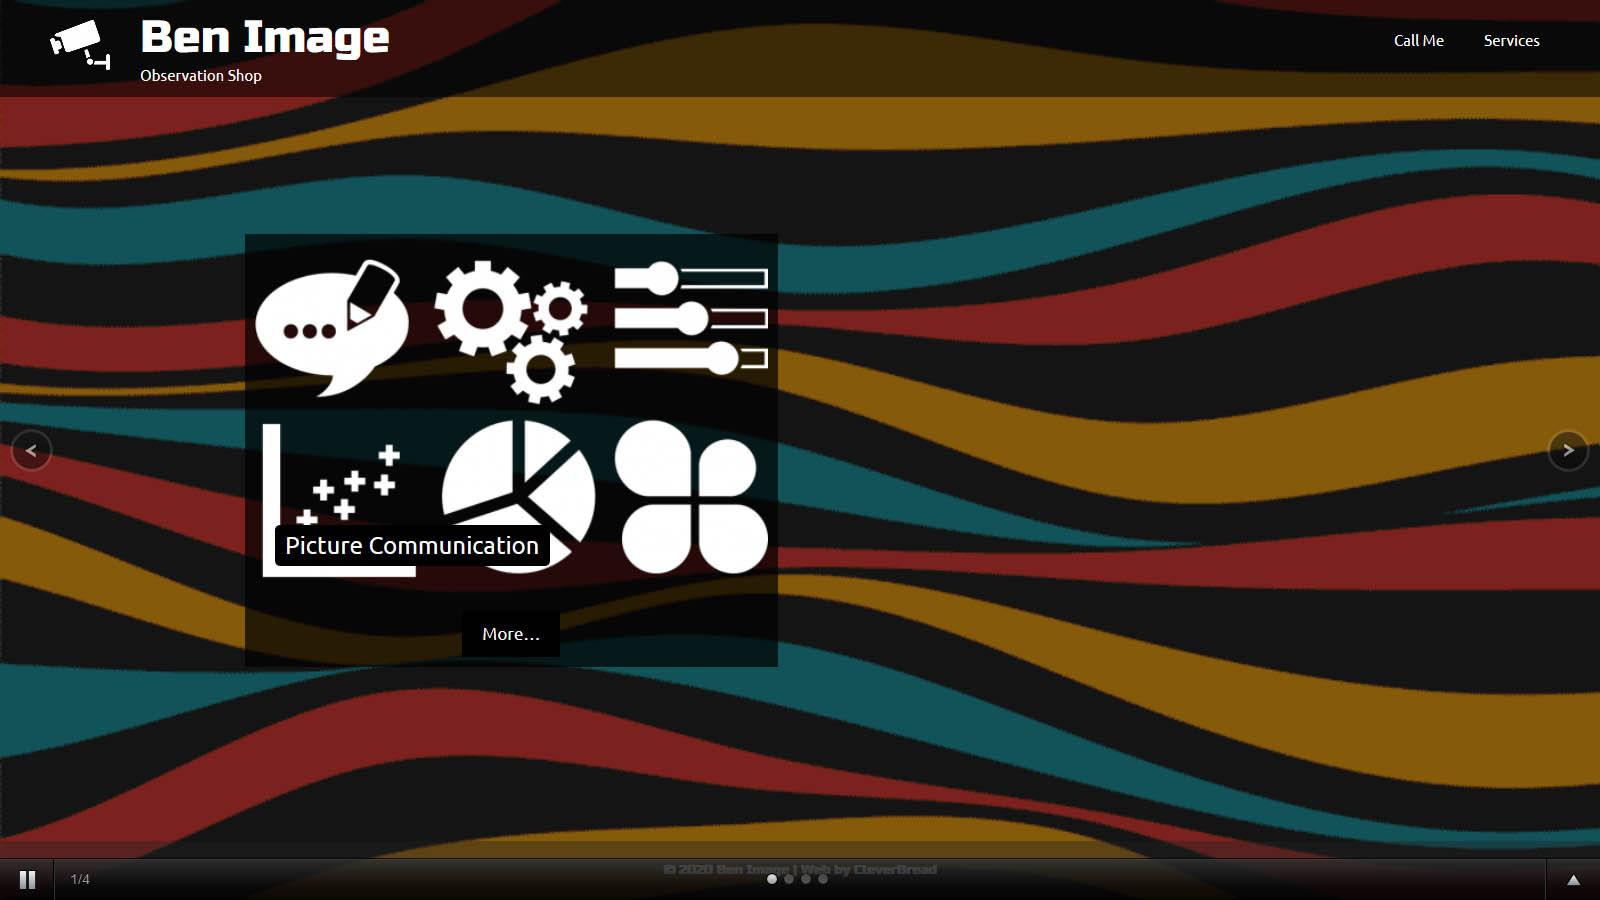 Digital image service website